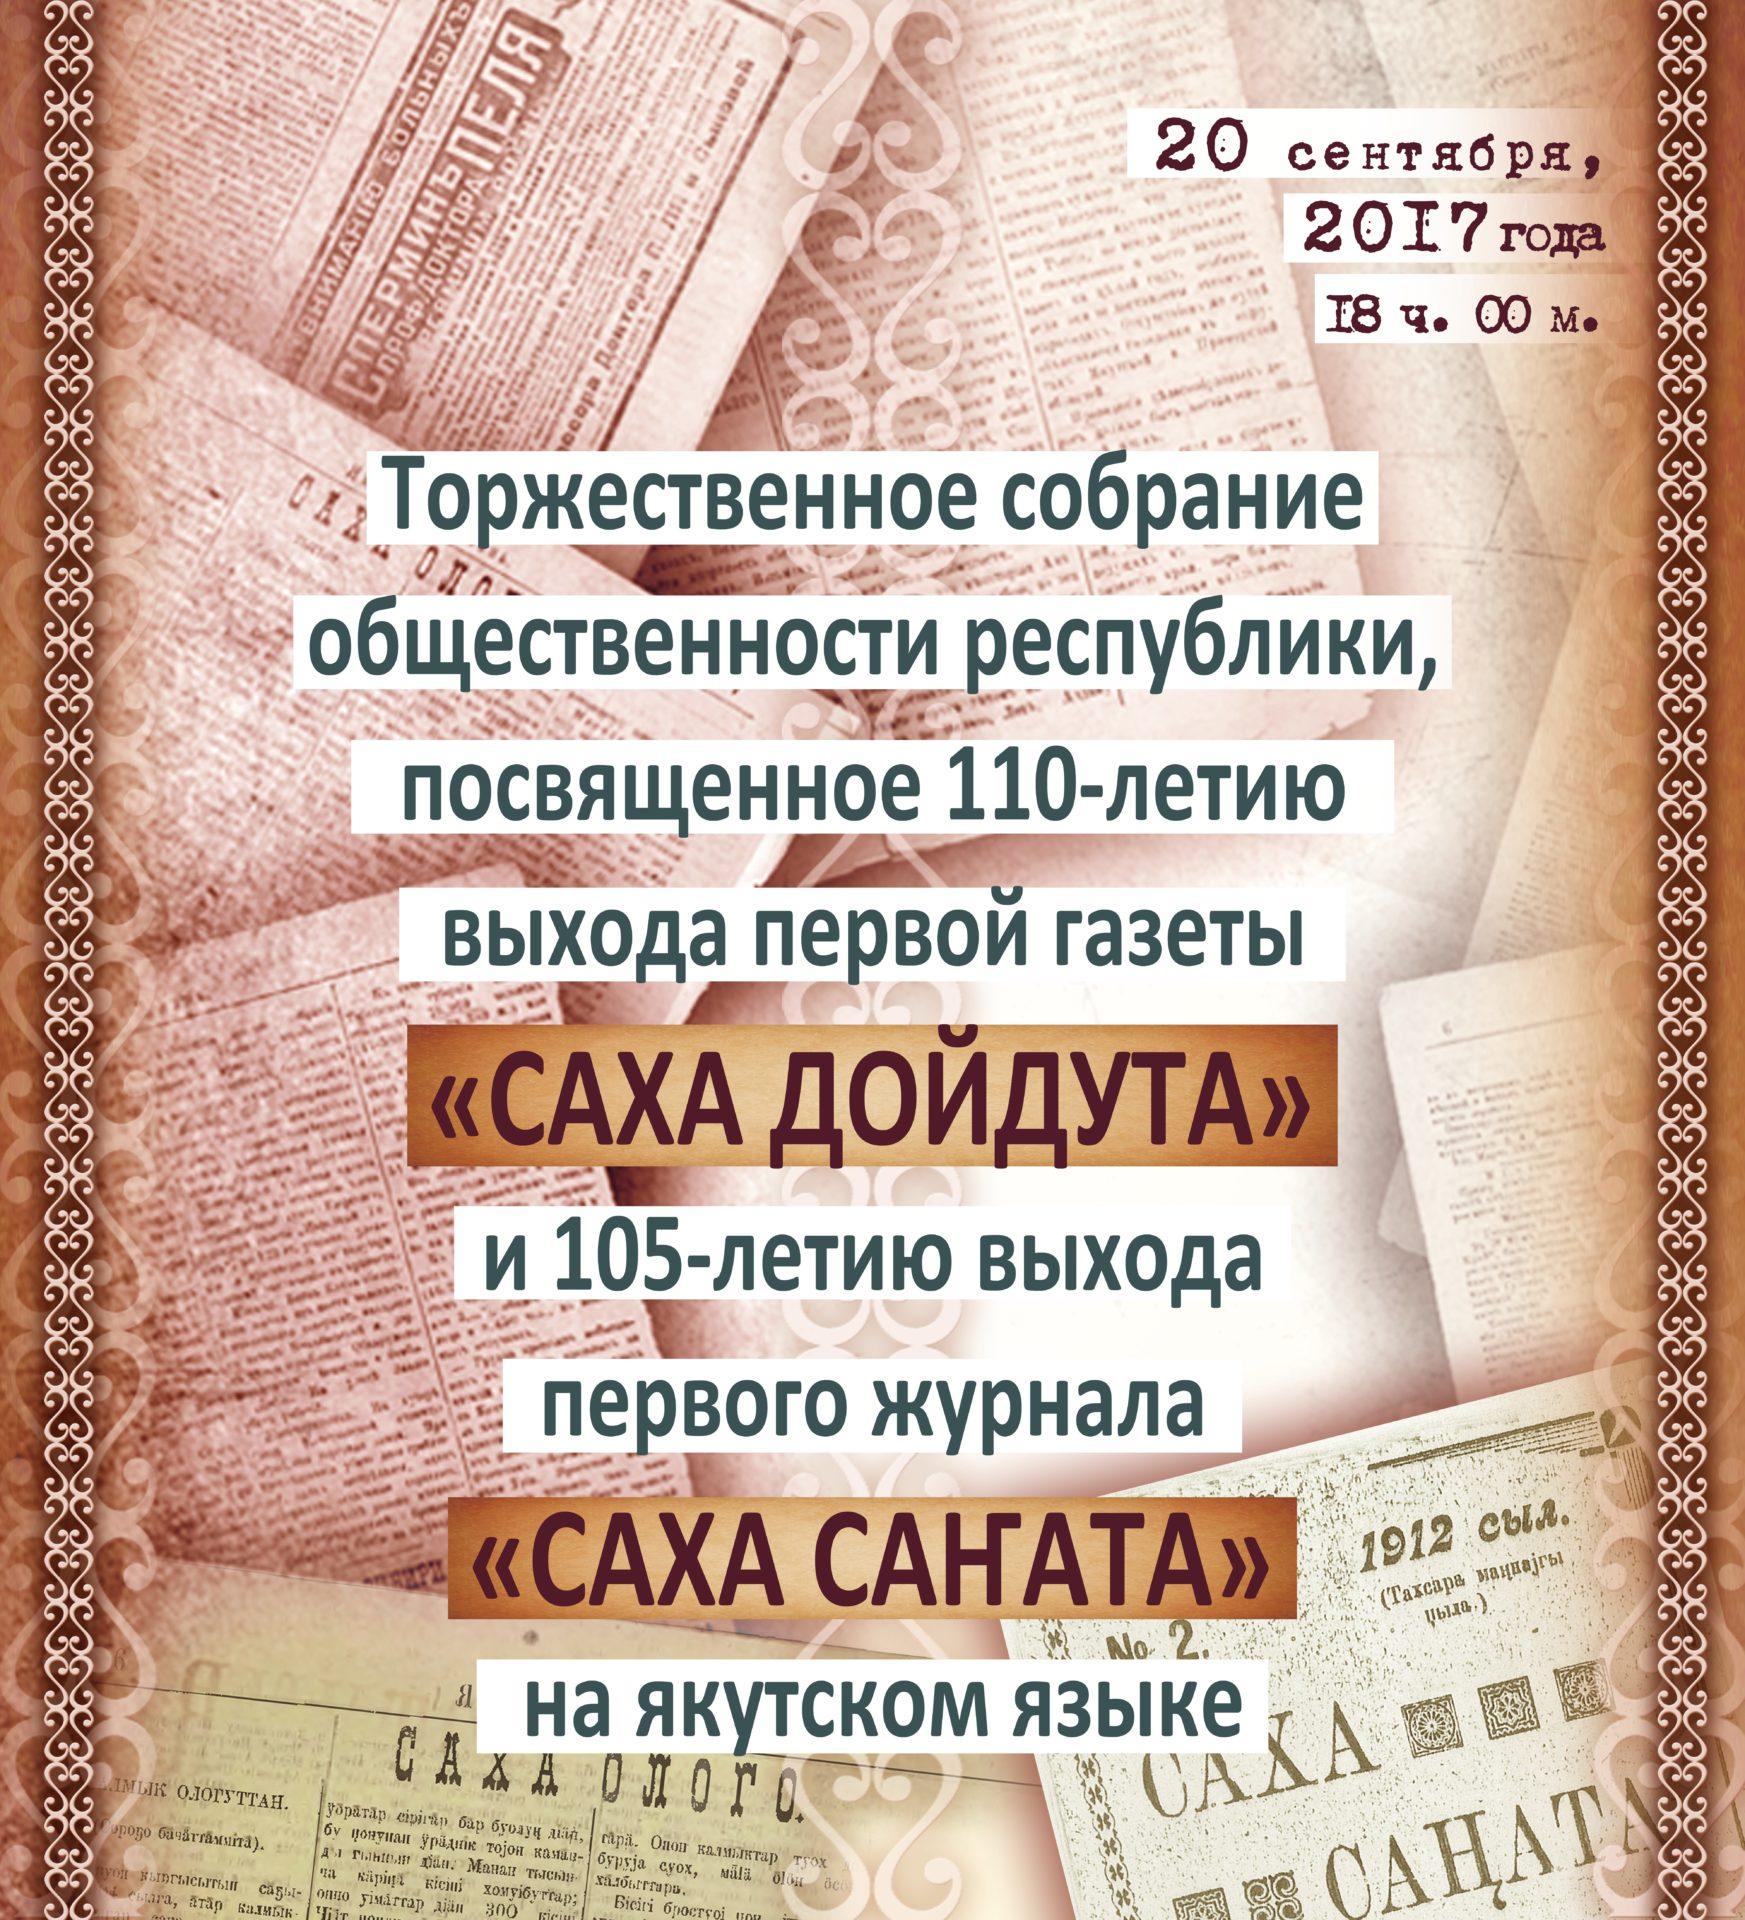 20 сентября состоится торжественное собрание, посвященное первым якутским газетам «Саха дойдута», «Саха олоҕо» и журналу «Саха саҥата»